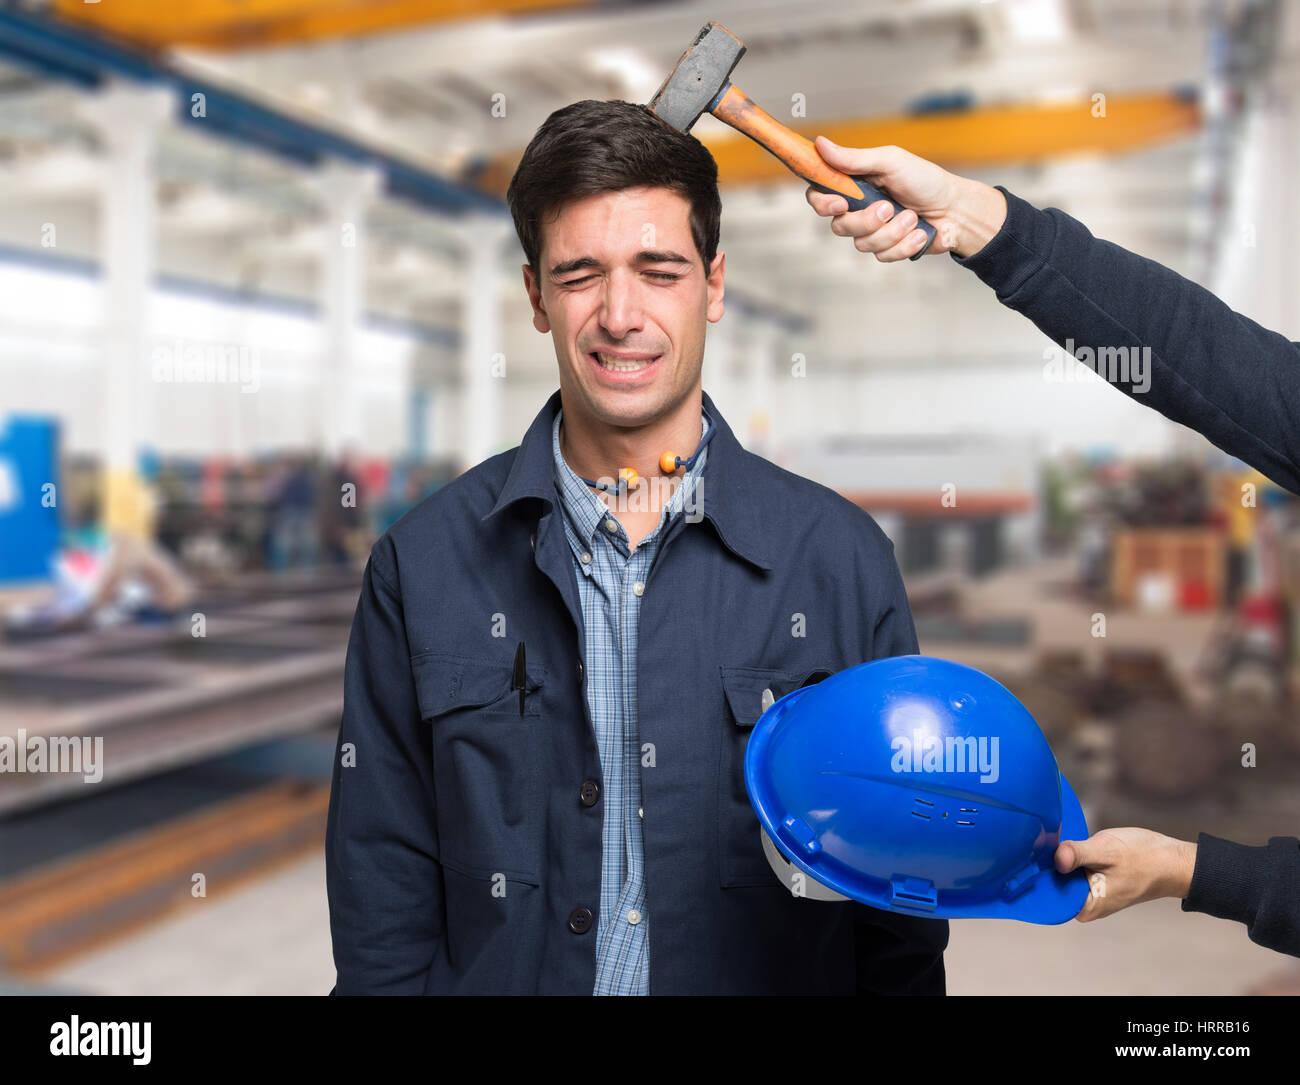 Un travailleur de prendre coup de marteau sur la tête. Concept de sécurité au travail Photo Stock